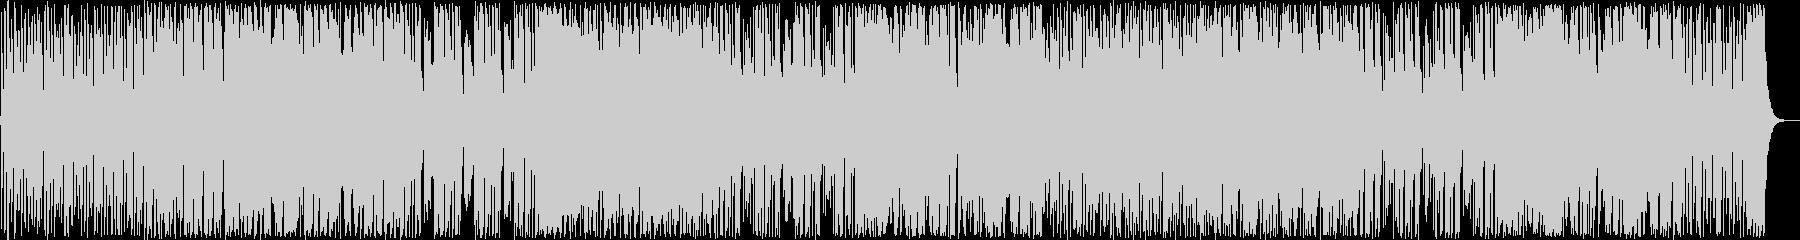 ドキドキ感シンセサイザーサウンドポップの未再生の波形